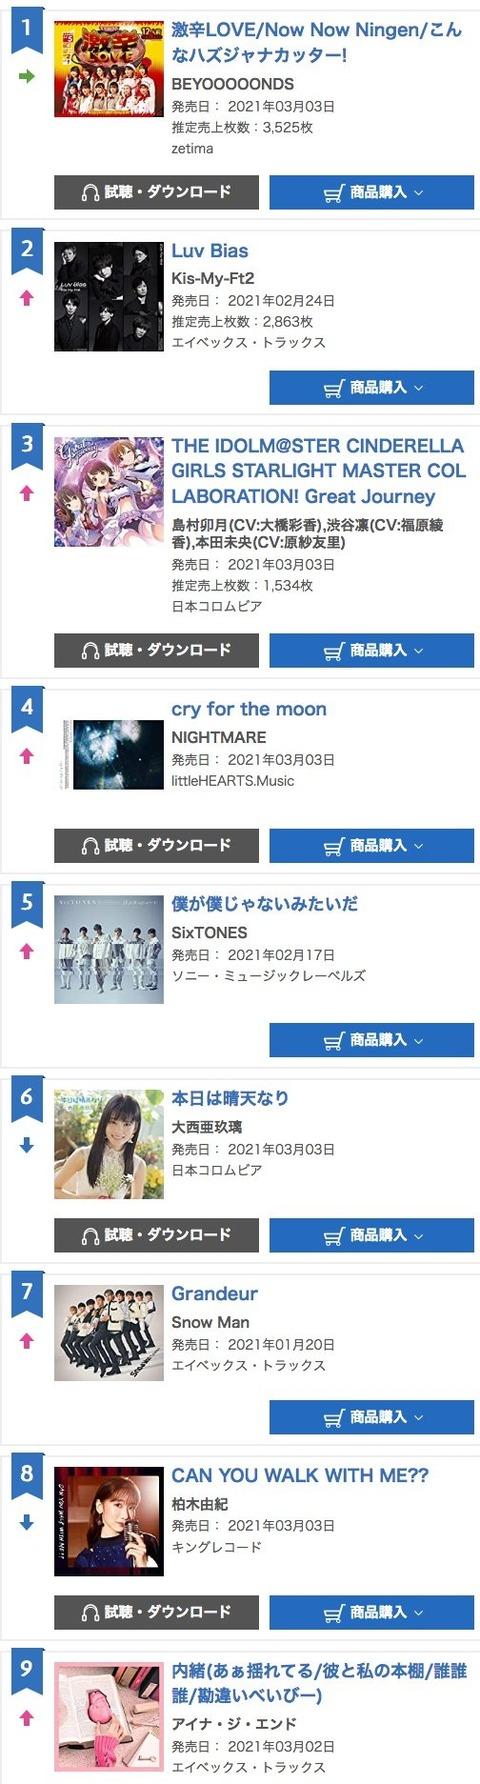 【悲劇】柏木由紀さん、ソロシングル「CAN YOU WALK WITH ME??」デイリー2日目は8位で1534枚以下・・・